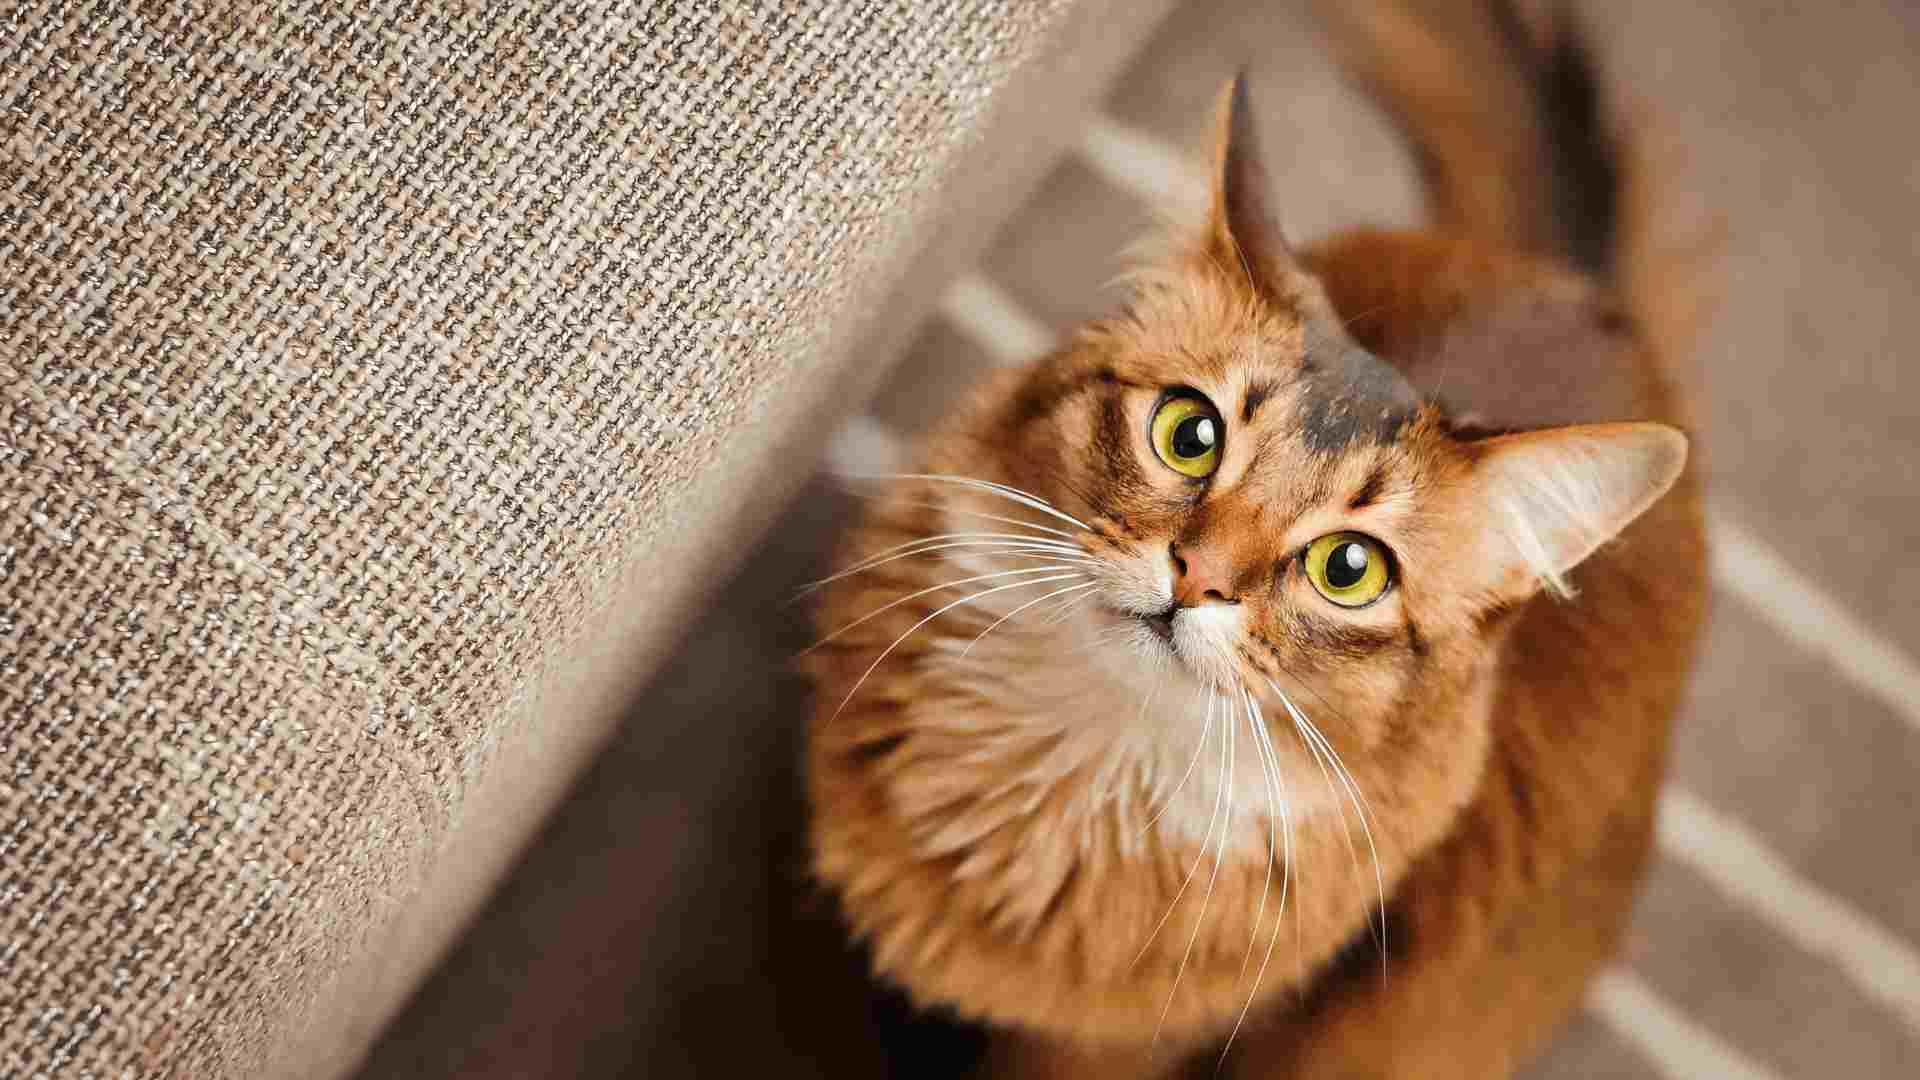 curious cat looking upwards